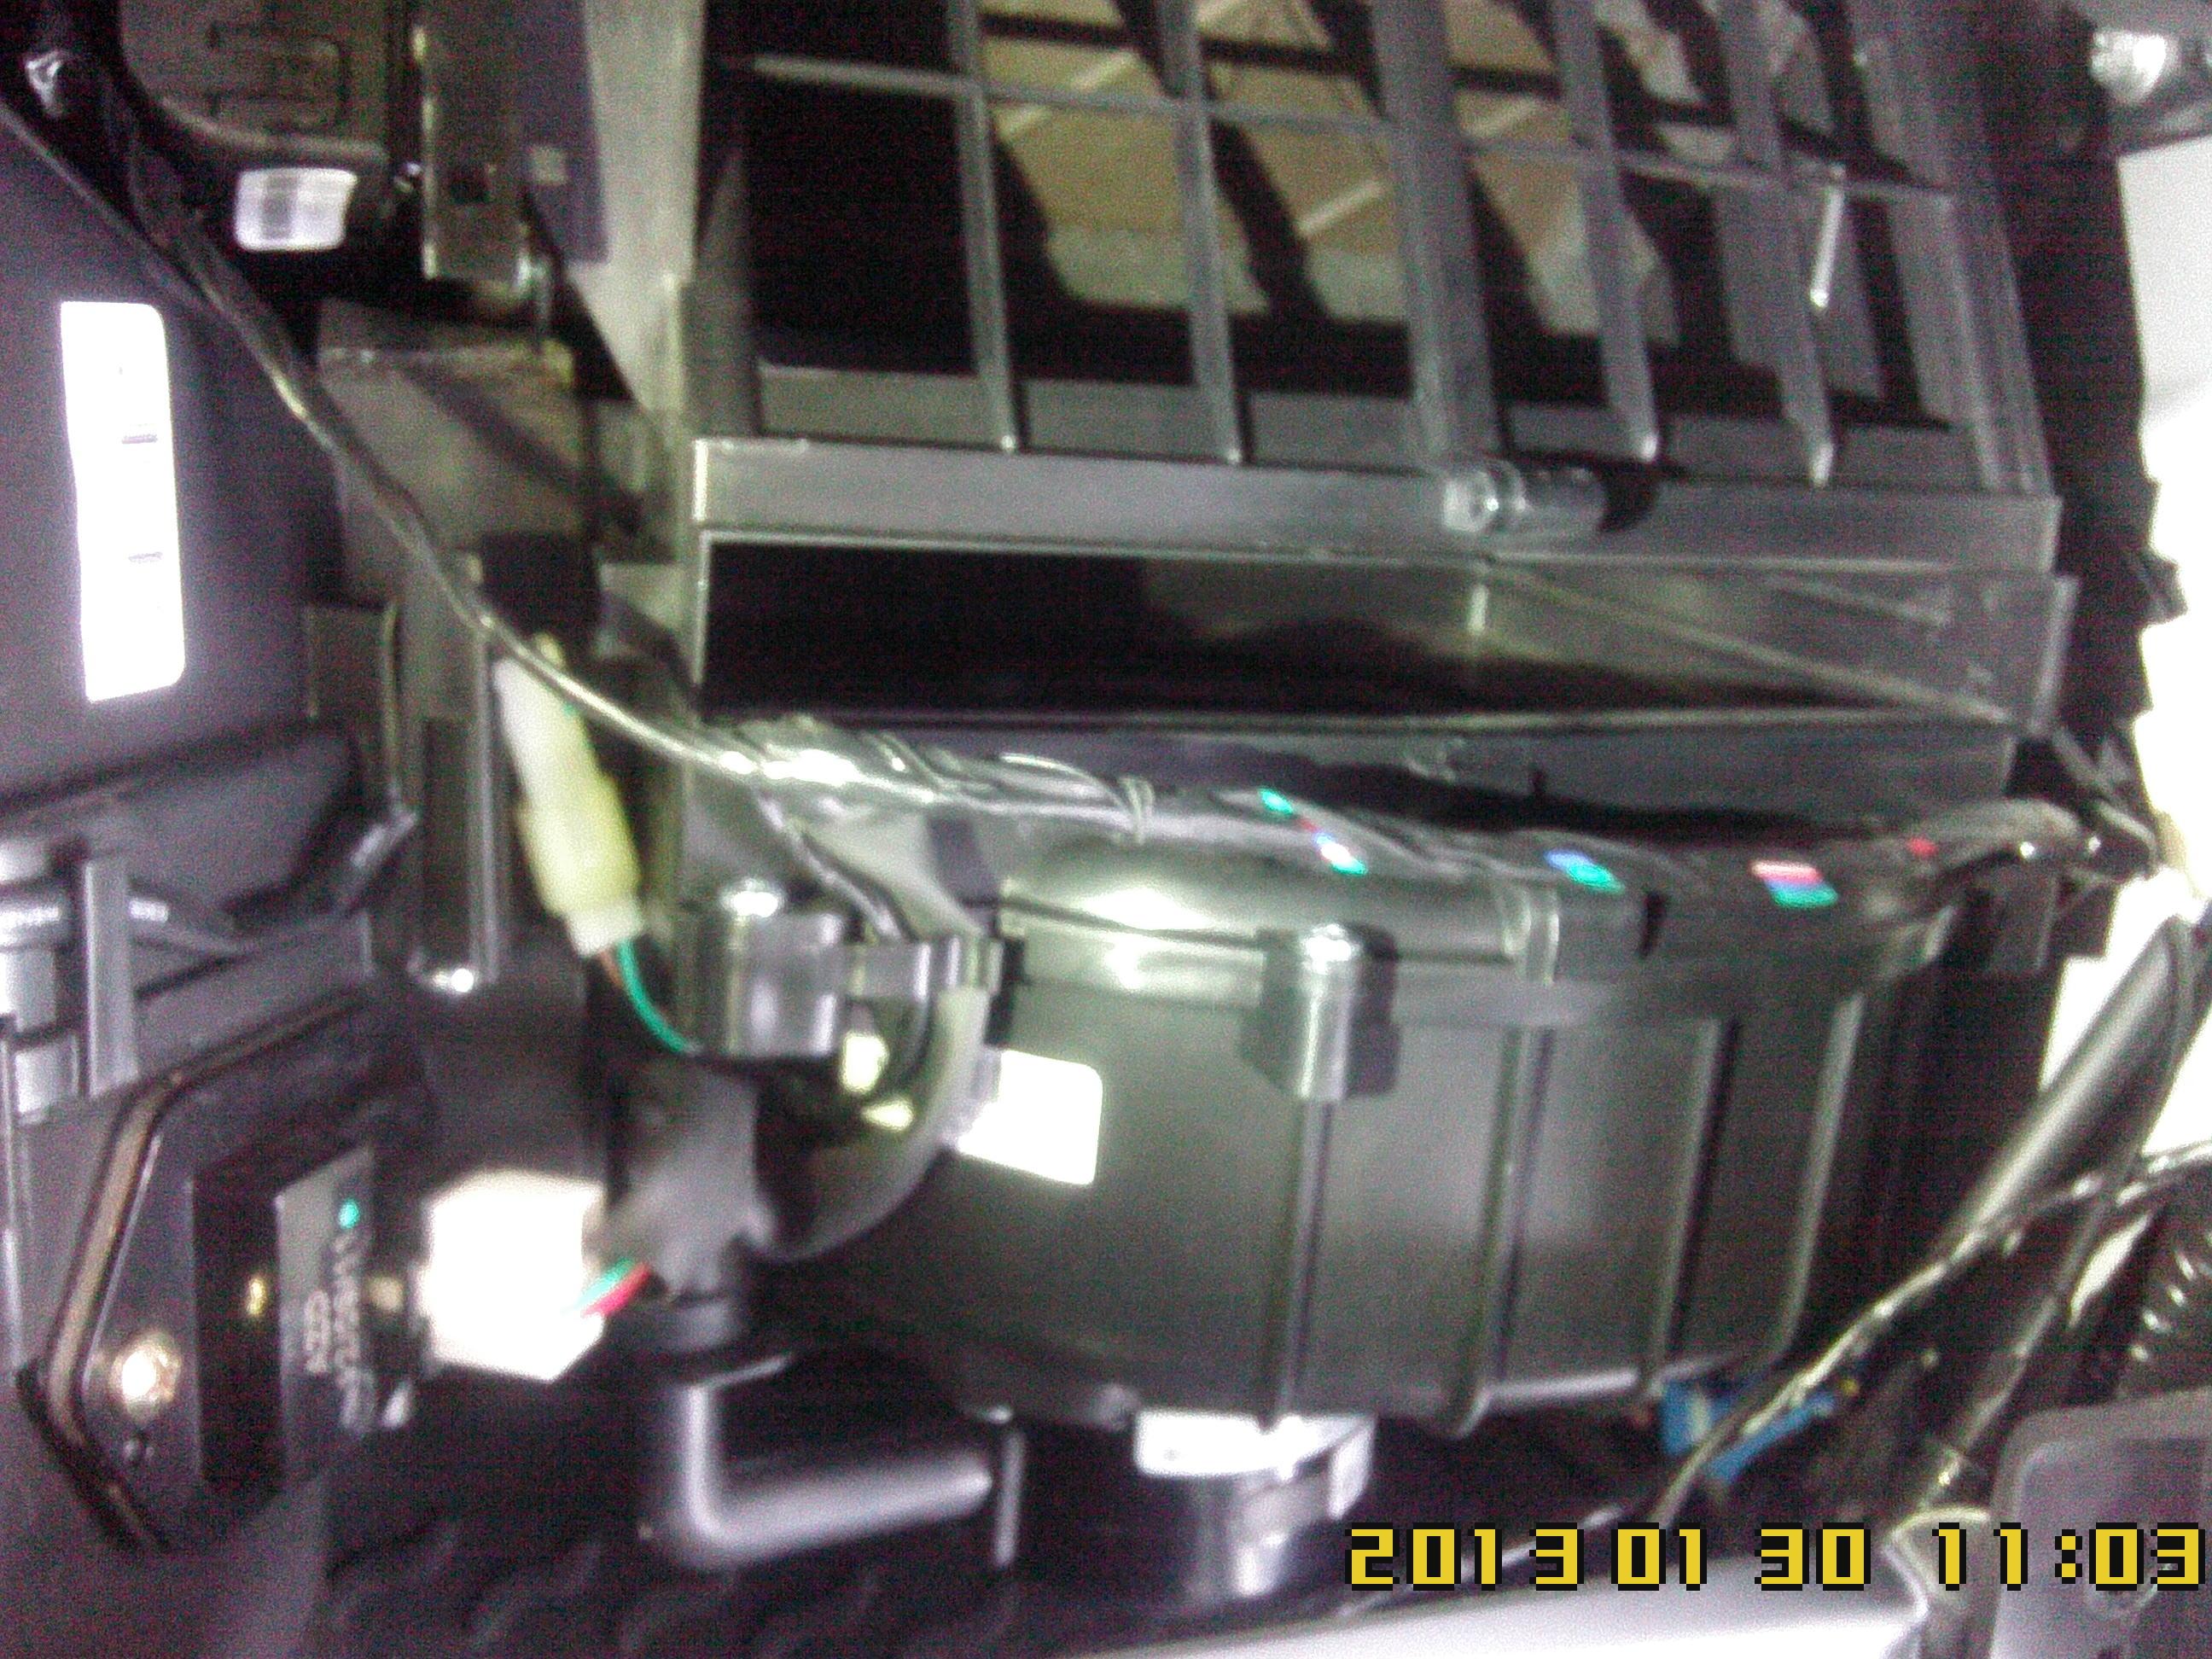 Замена воздушного фильтра киа спортейдж 3 своими руками